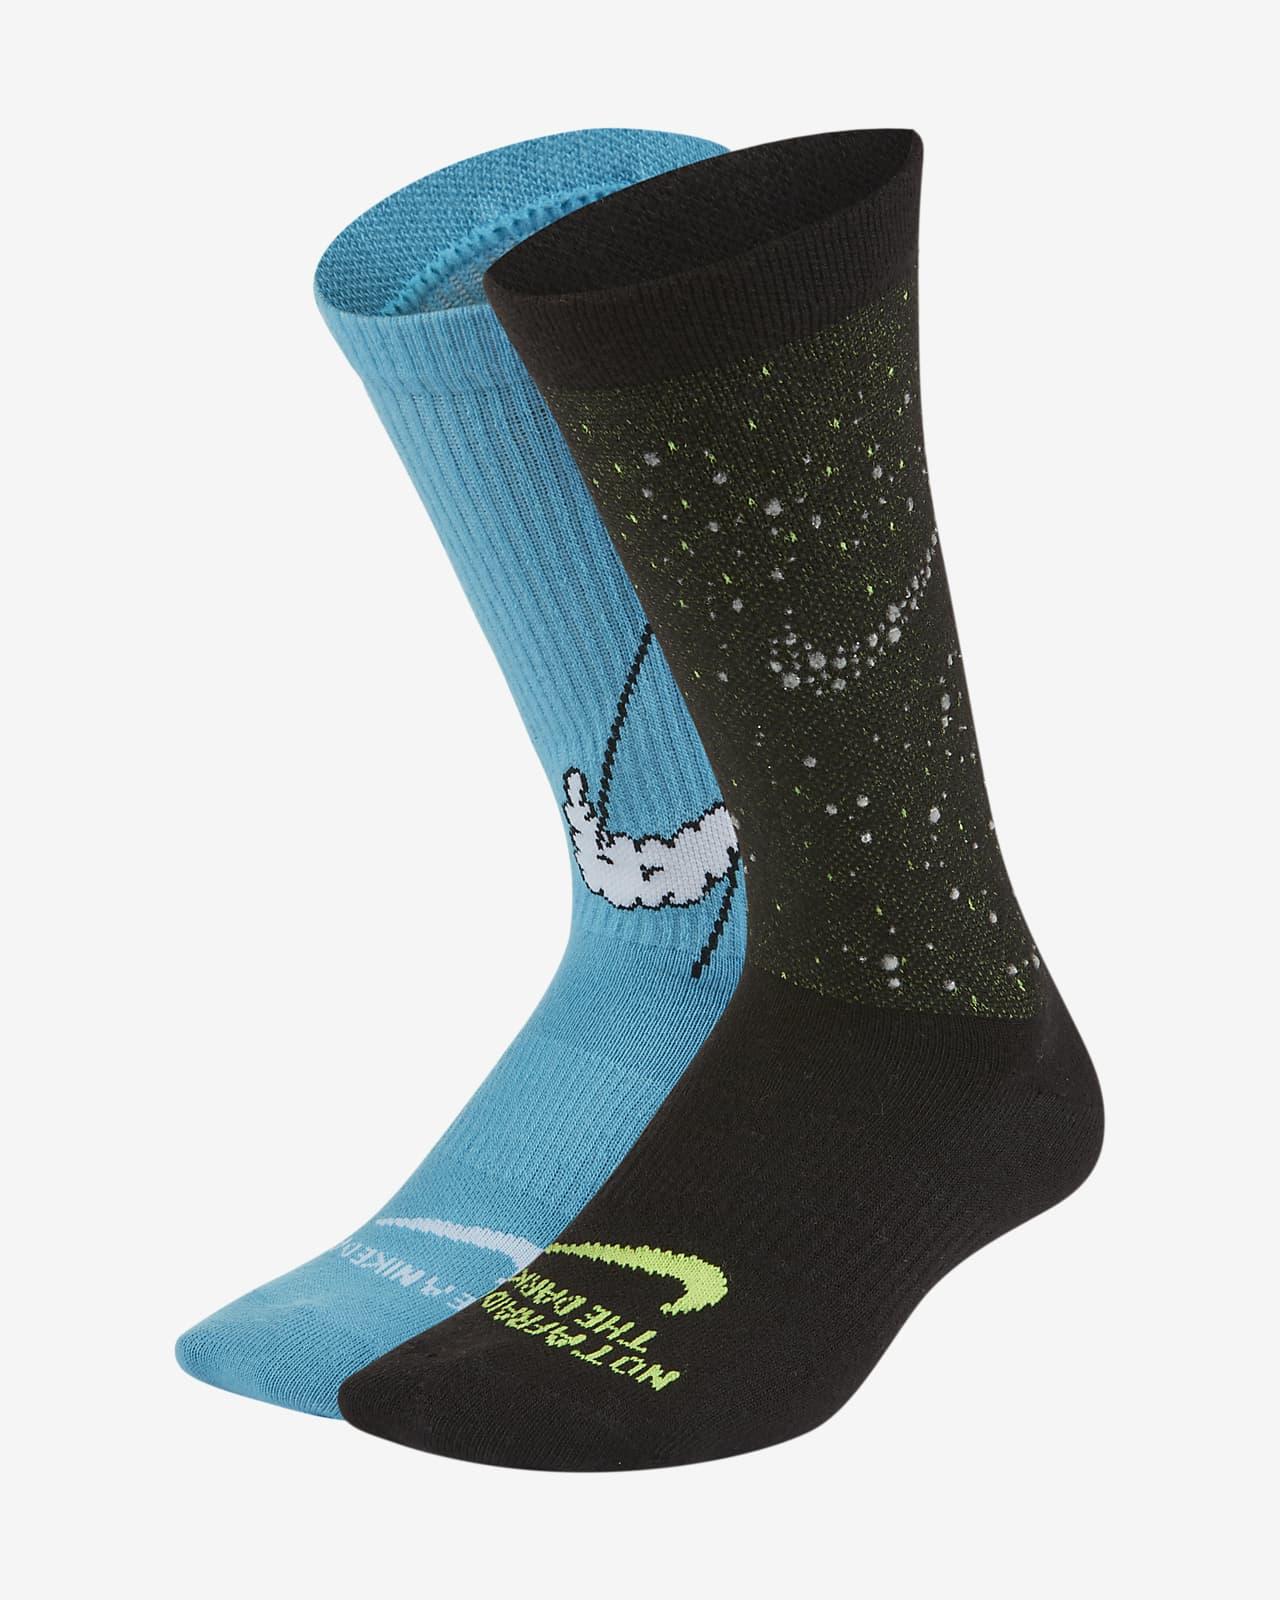 Nike Everyday Calcetines largos ligeros (2 pares) - Niño/a